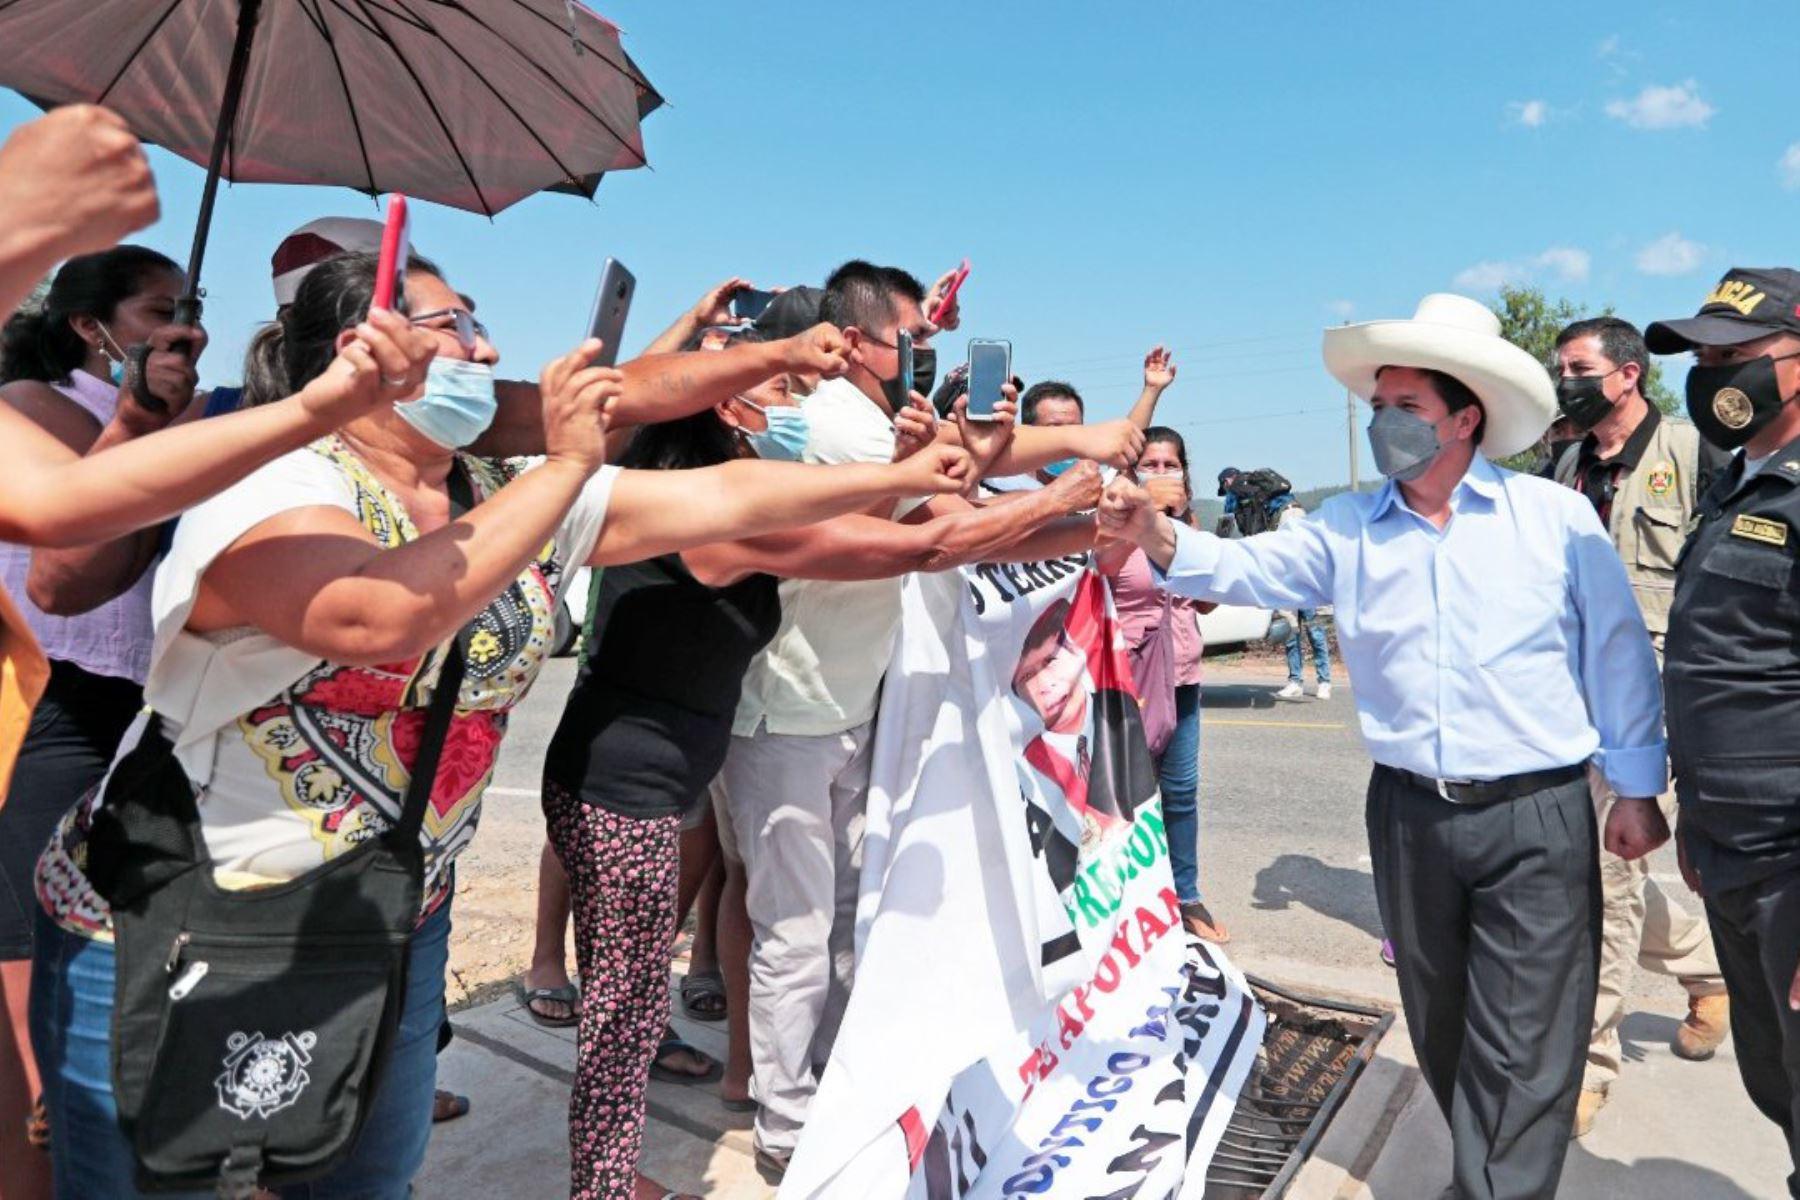 Jefe de Estado, Pedro Castillo, acompañado por los titulares del MTC, Vivienda y Midagri, participa en la inauguración de la infraestructura vial urbana en la localidad de Caspizapa, región San Martín. Foto: ANDINA/Prensa Presidencia